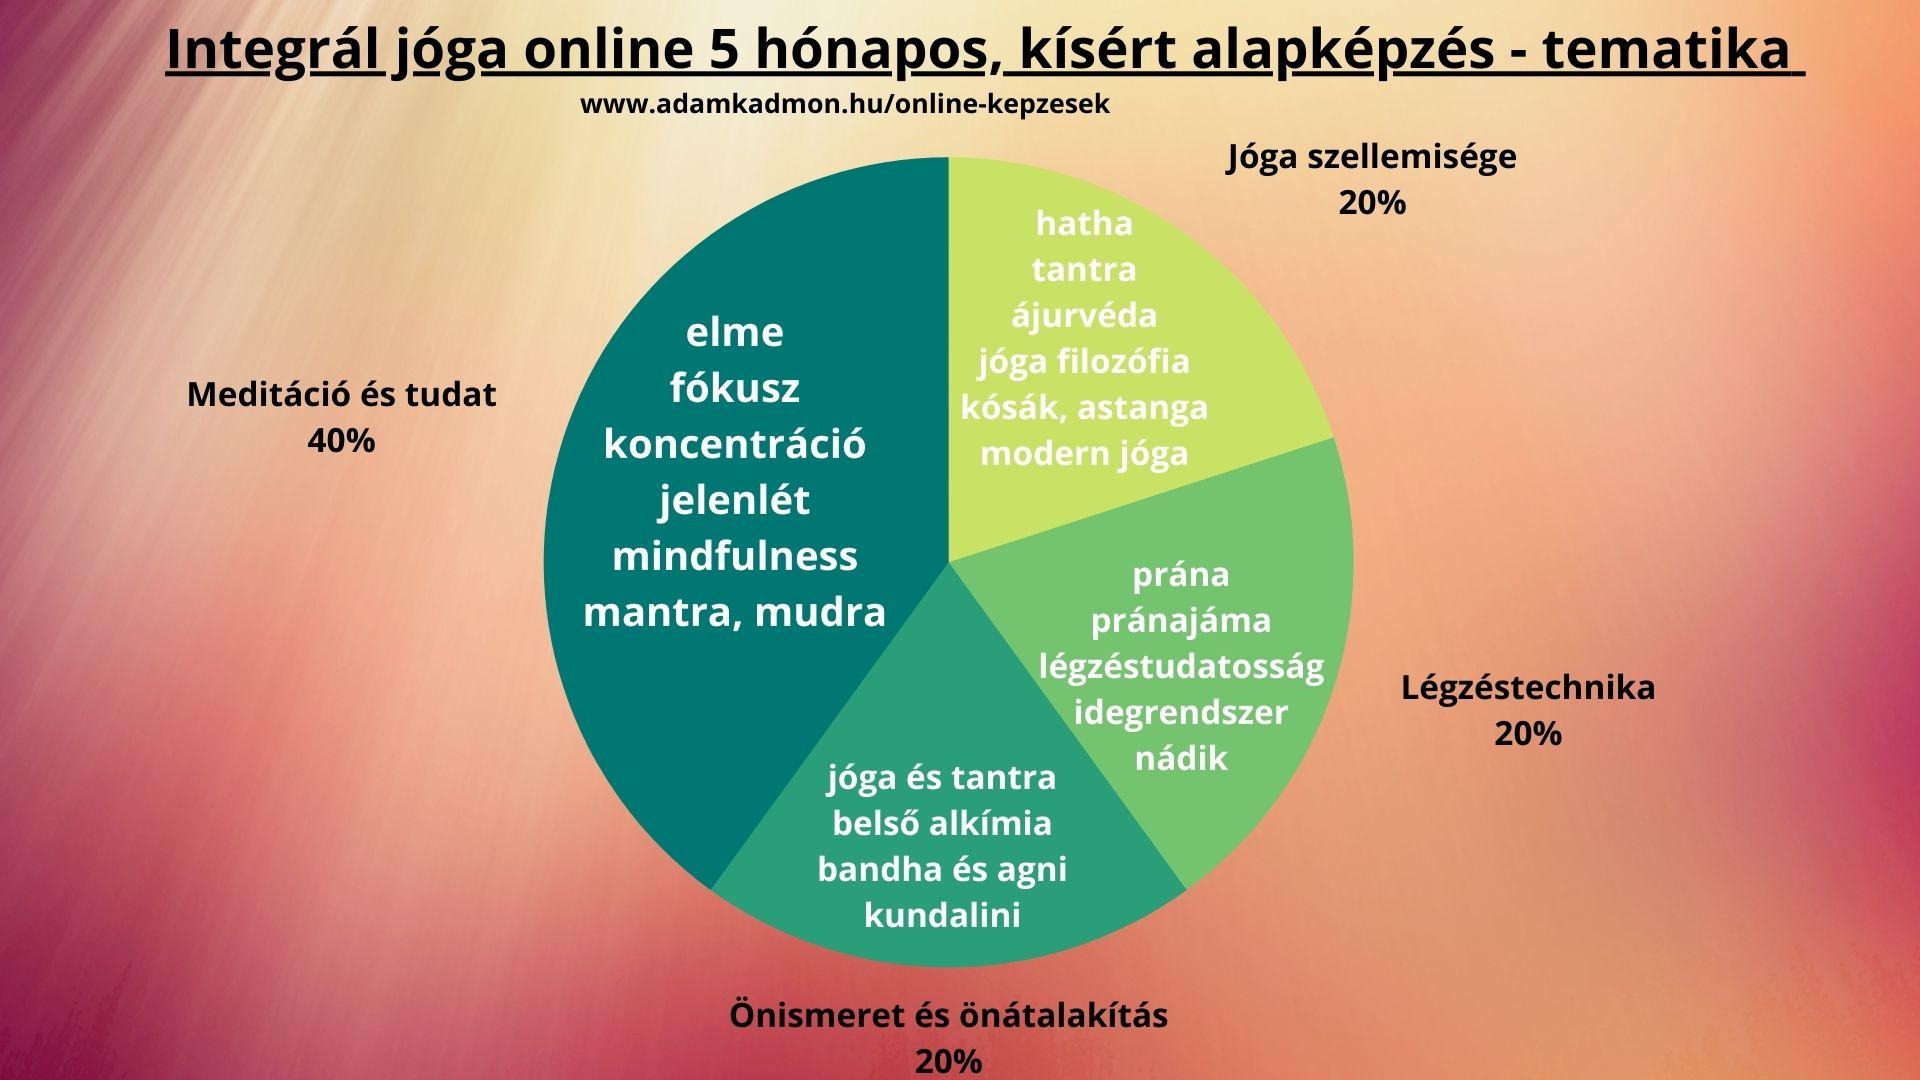 integrál jóga képzés online